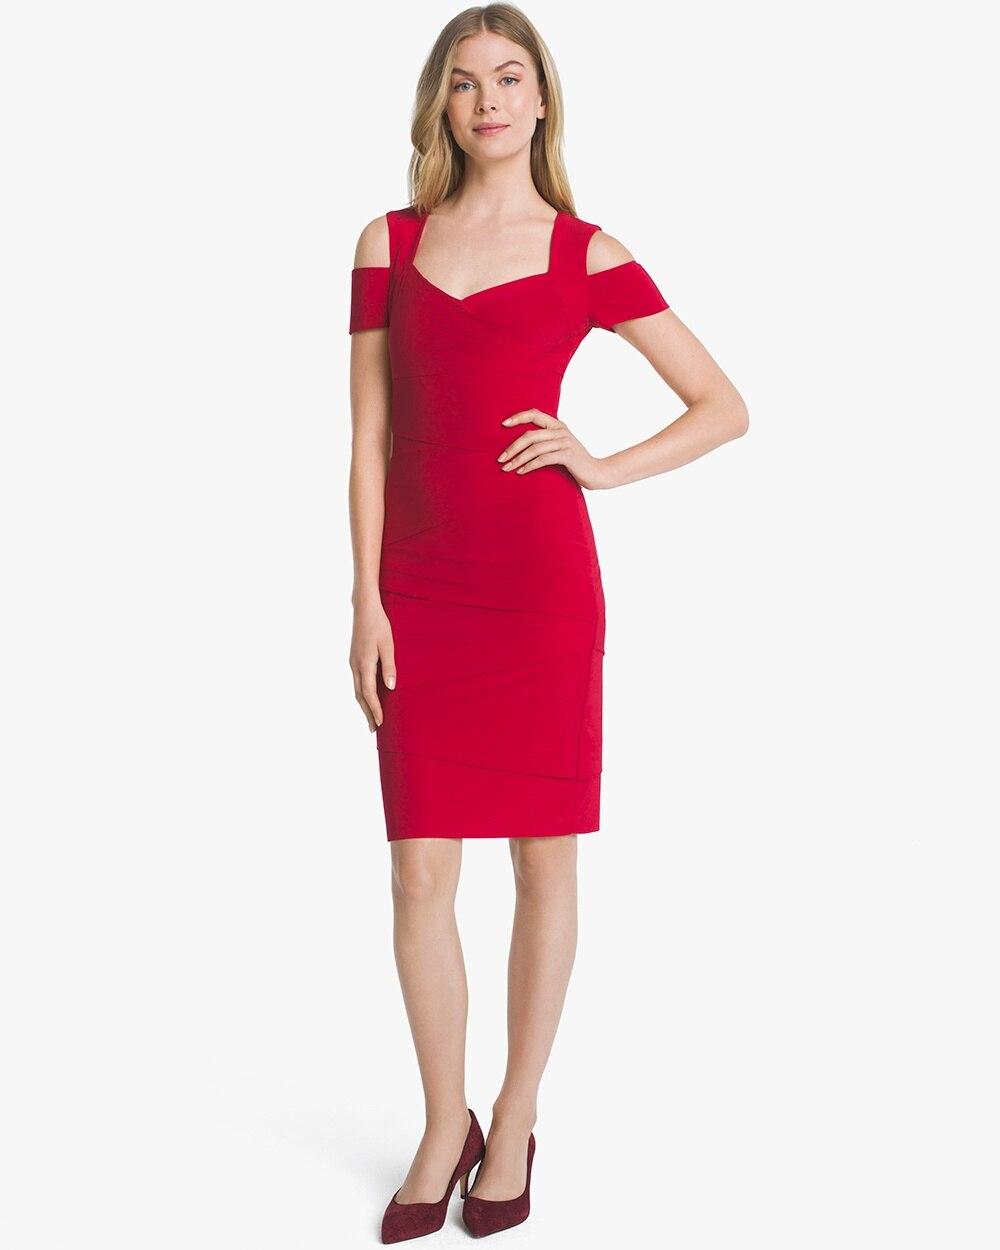 ad4649f6273 Cold-Shoulder Instantly Slimming Dress - White House Black Market